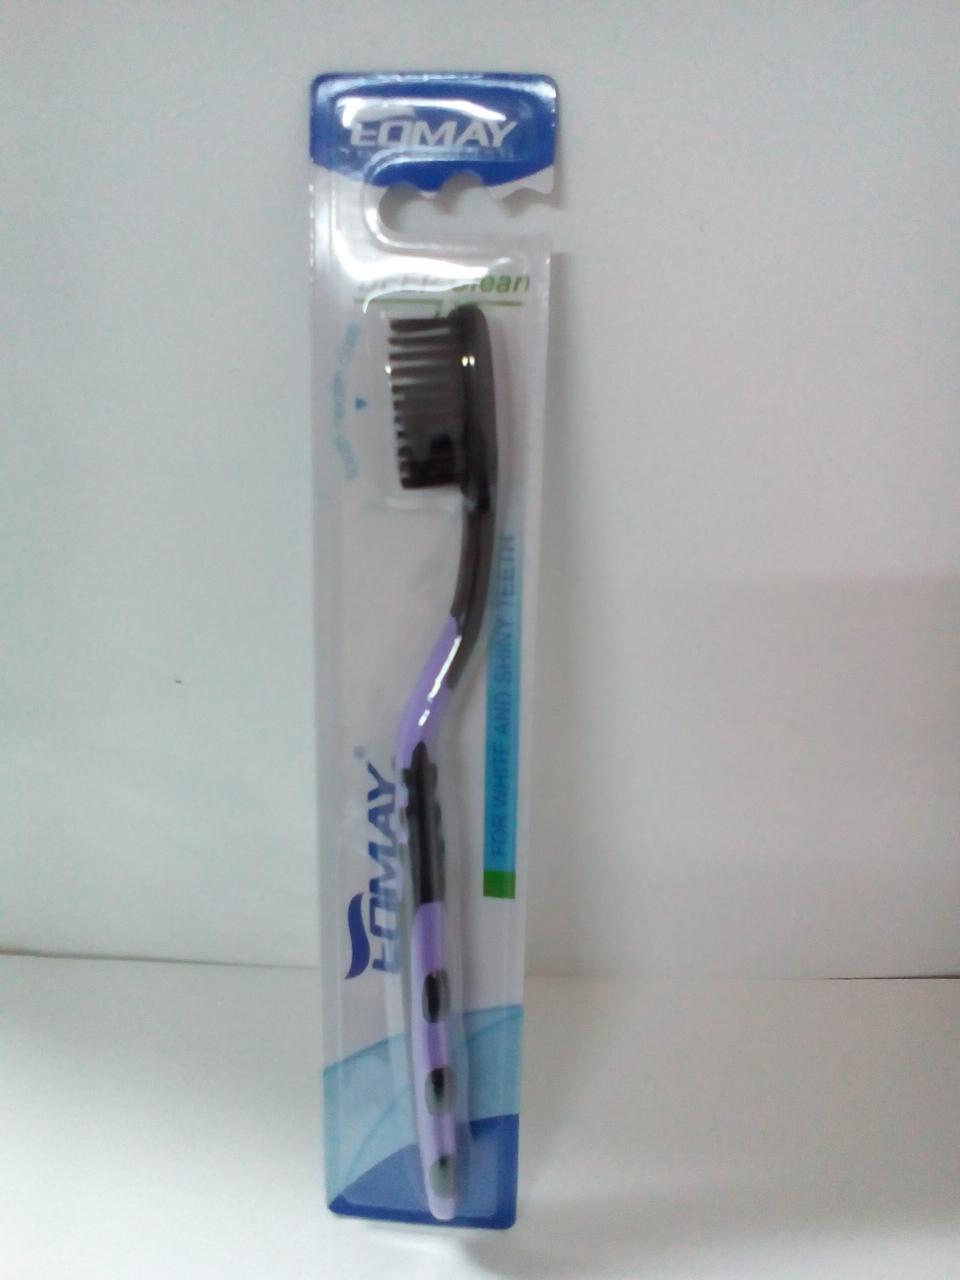 Зубная щетка TOMAY 9811 -чёрная very soft